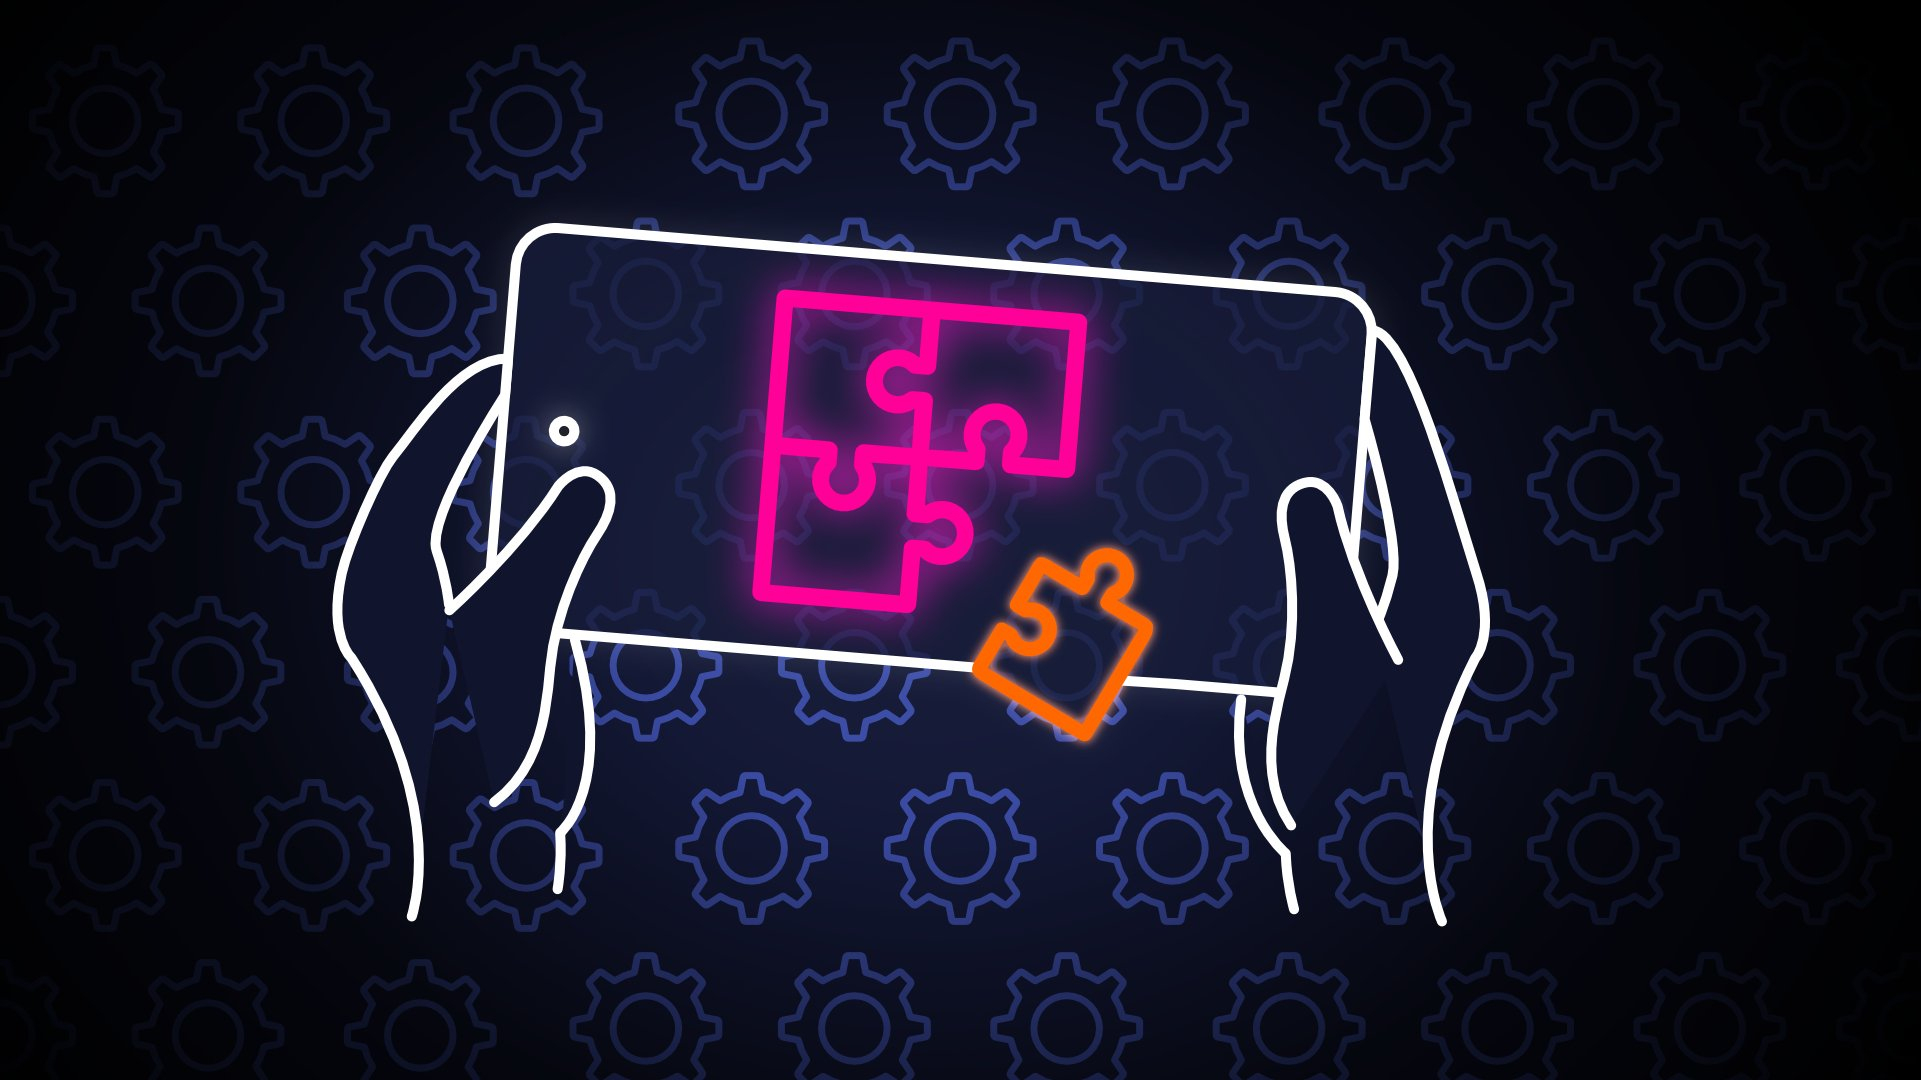 Les Meilleurs Jeux De Réflexion Gratuits Et Payants Sur Android serapportantà Tous Les Jeux Gratuits De Fille